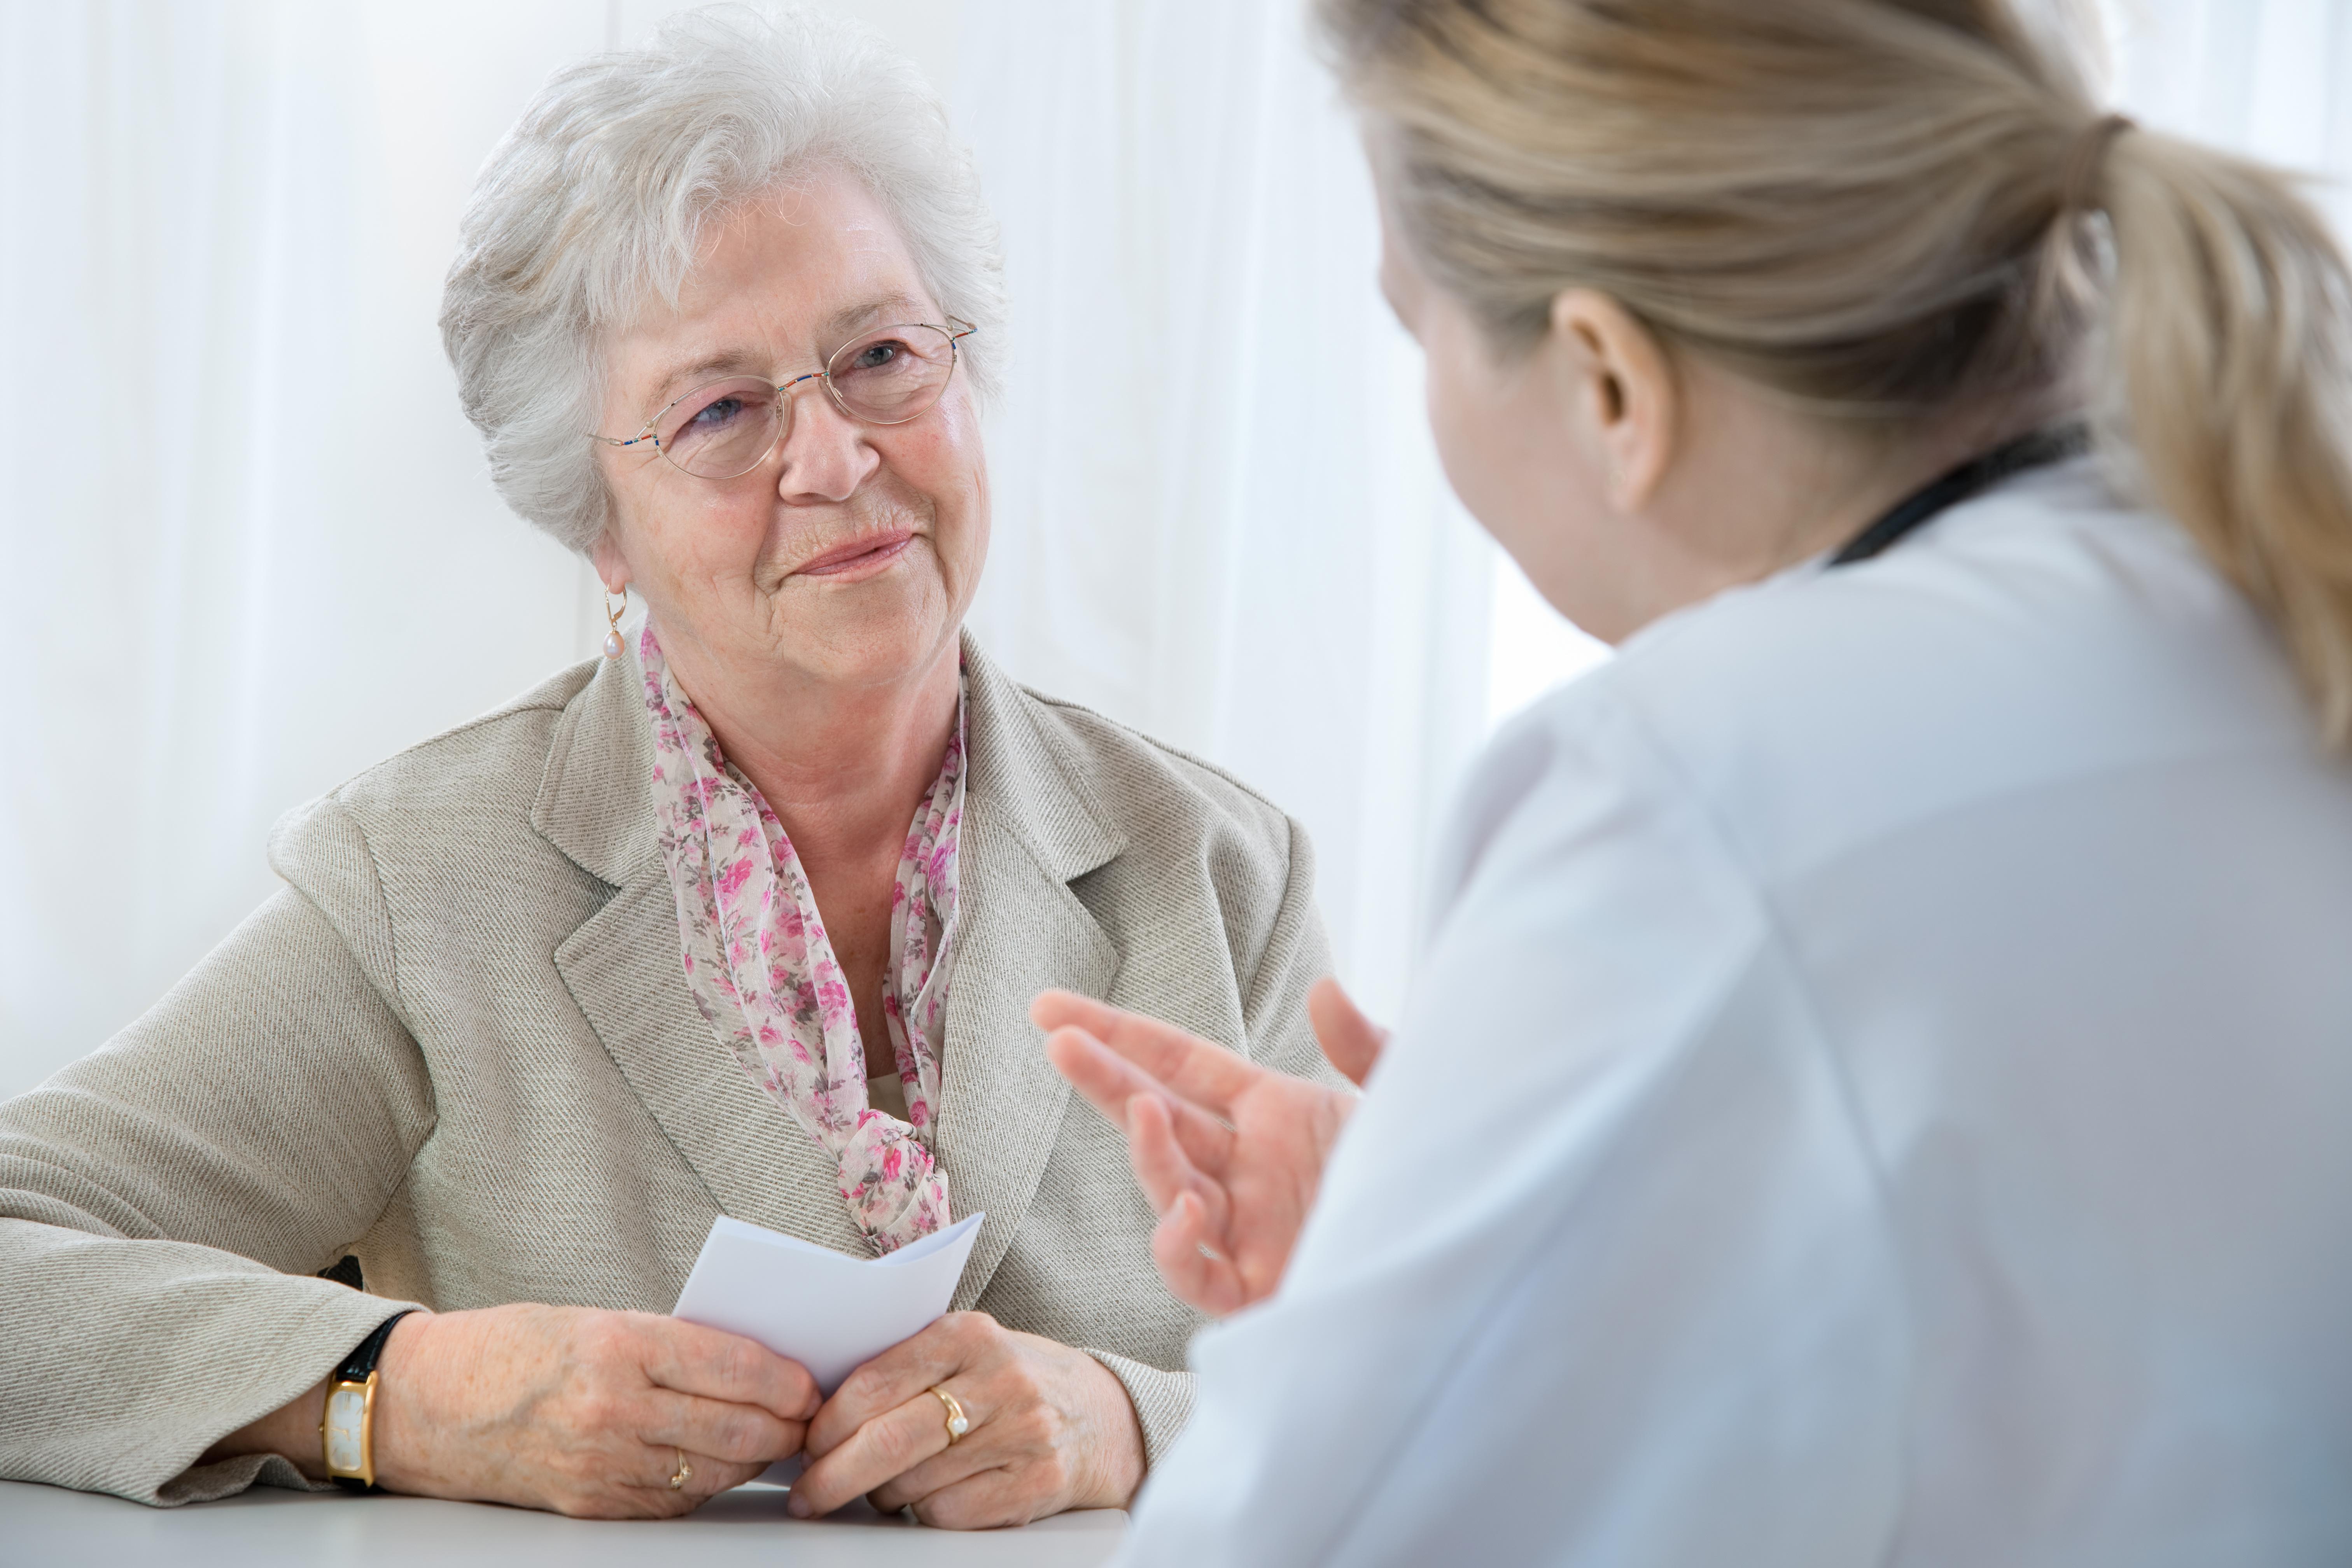 Dottore spiega diagnosi a paziente